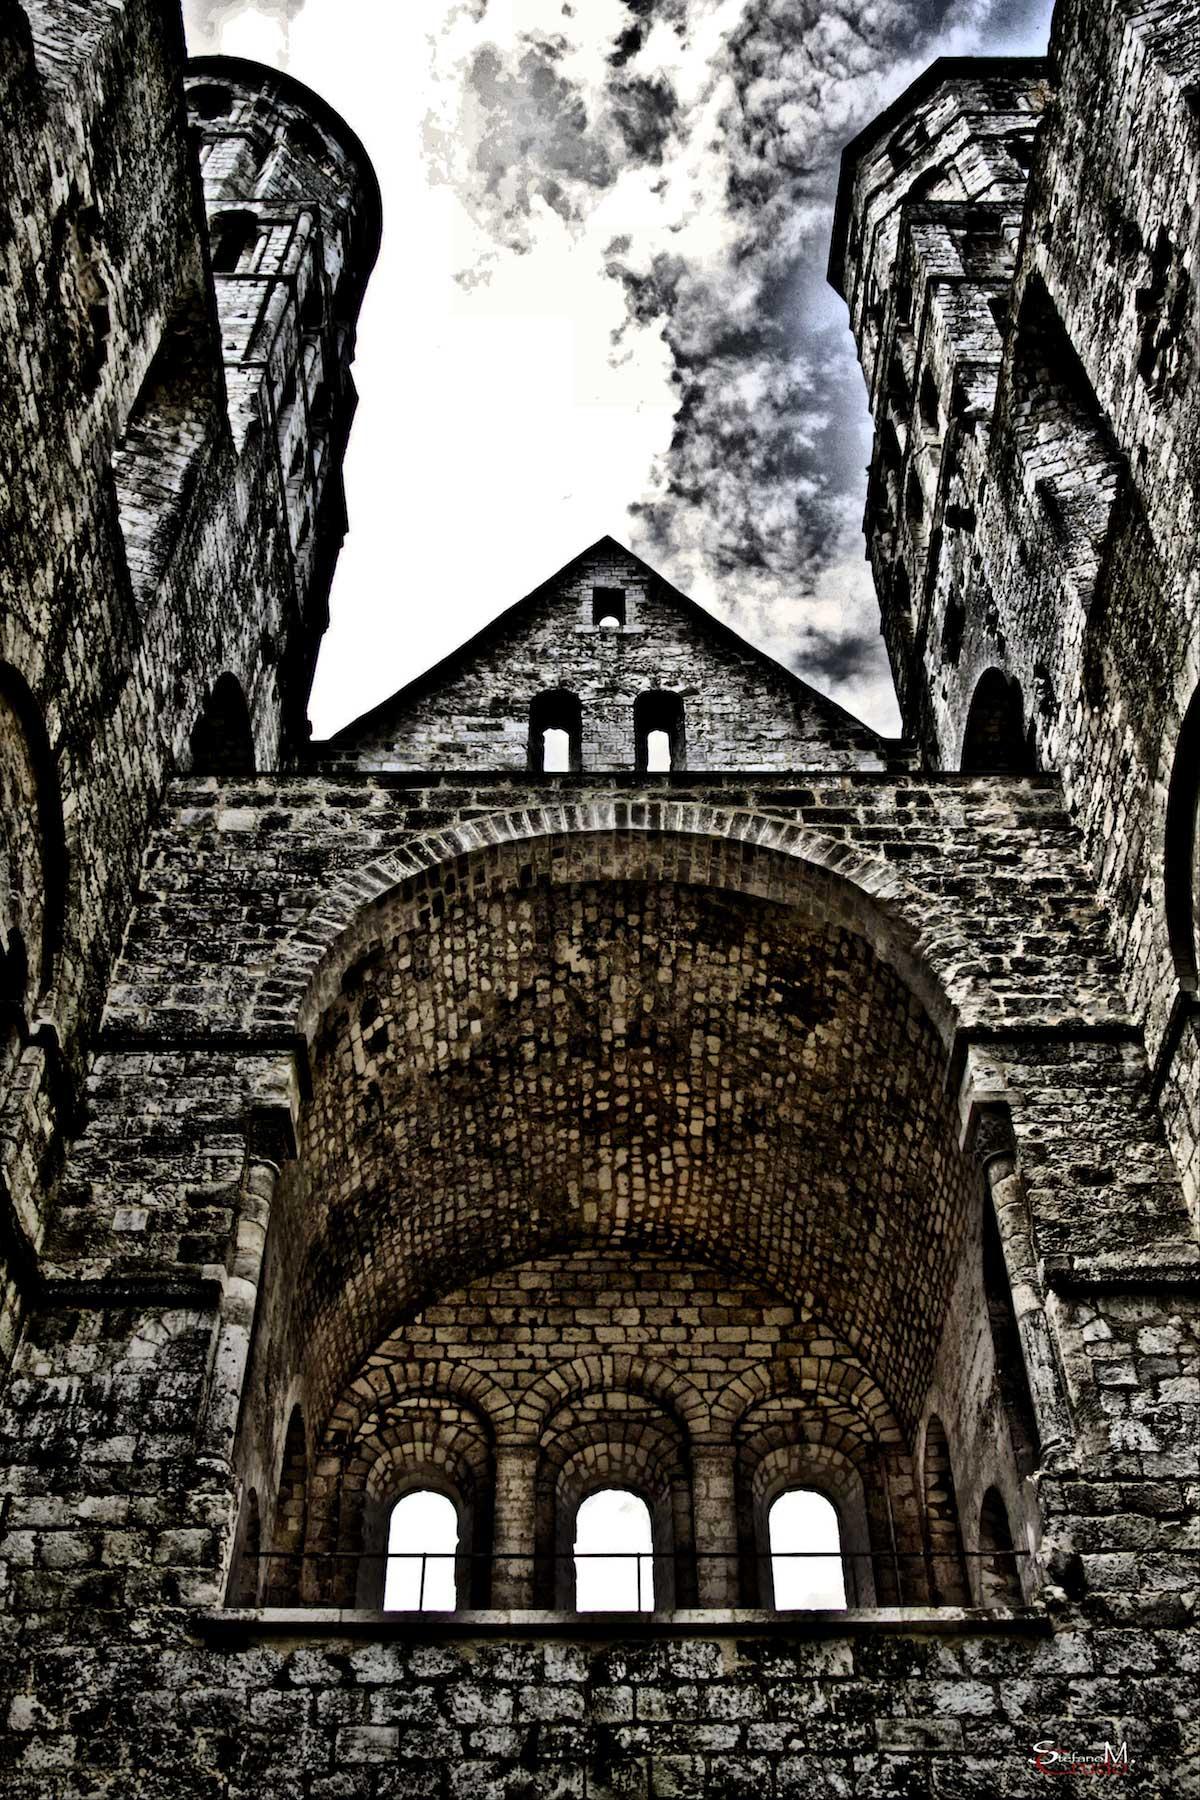 BRETAGNA - Cattedrale a Cielo Aperto